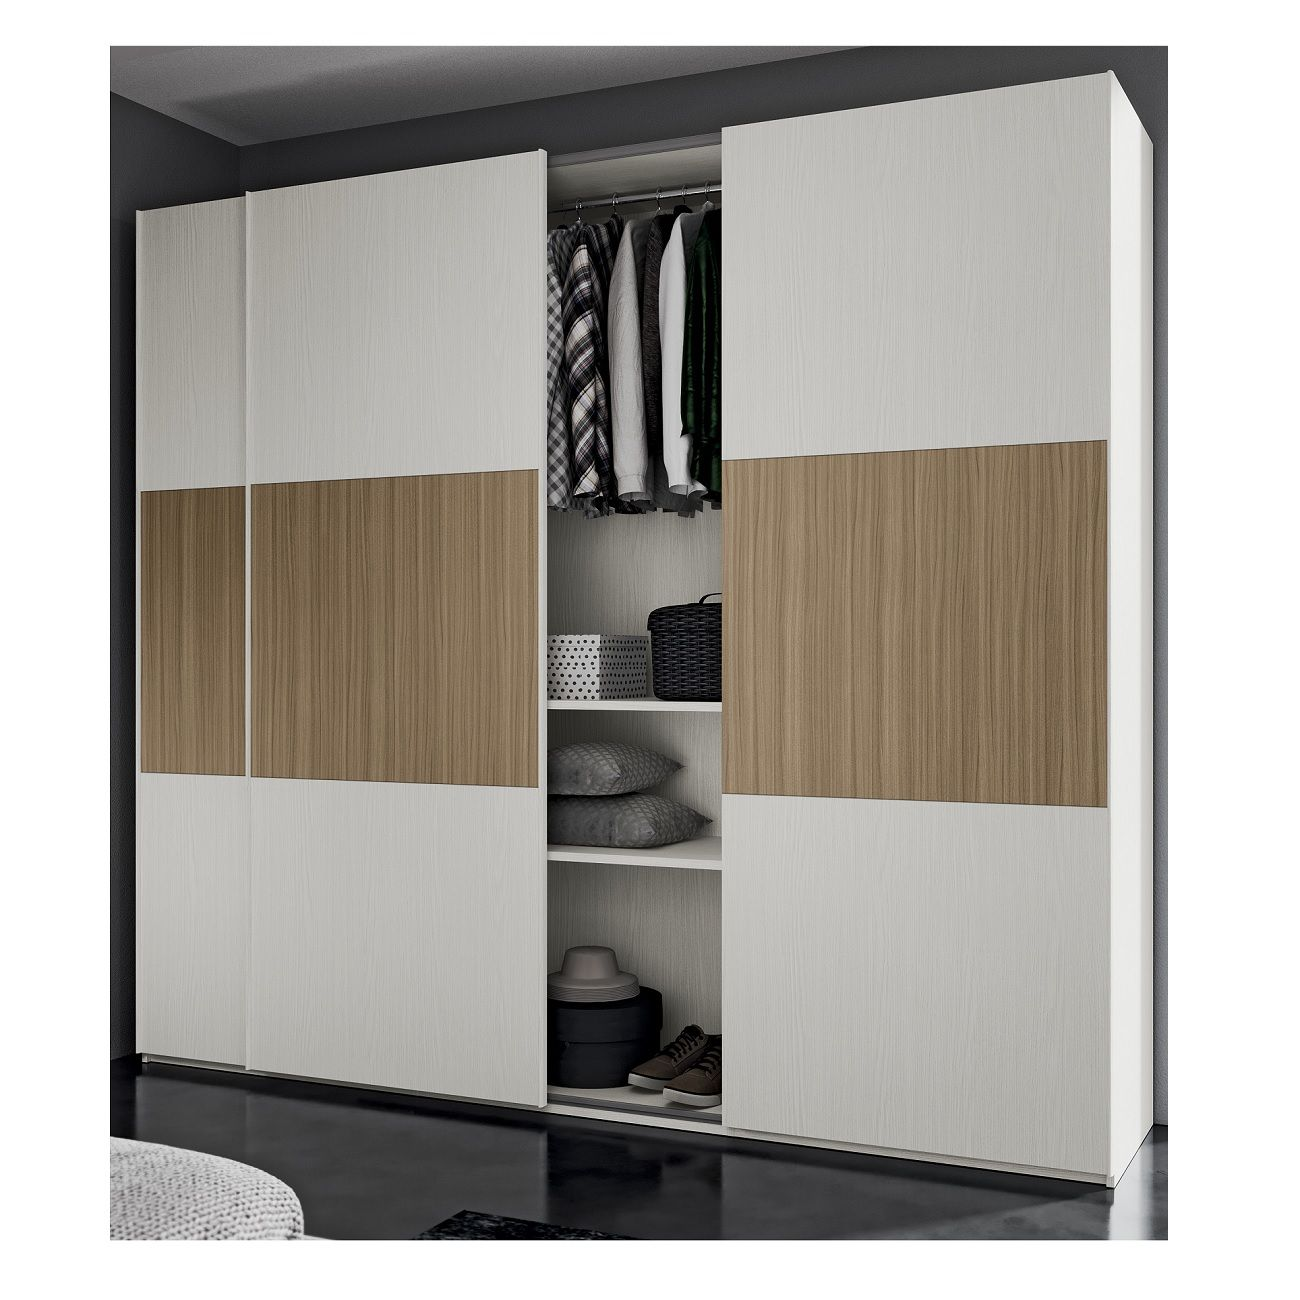 Dimensioni Armadio 3 Ante Scorrevoli.Arredamento Online Vendita Mobili Nel 2020 Arredamento Casa